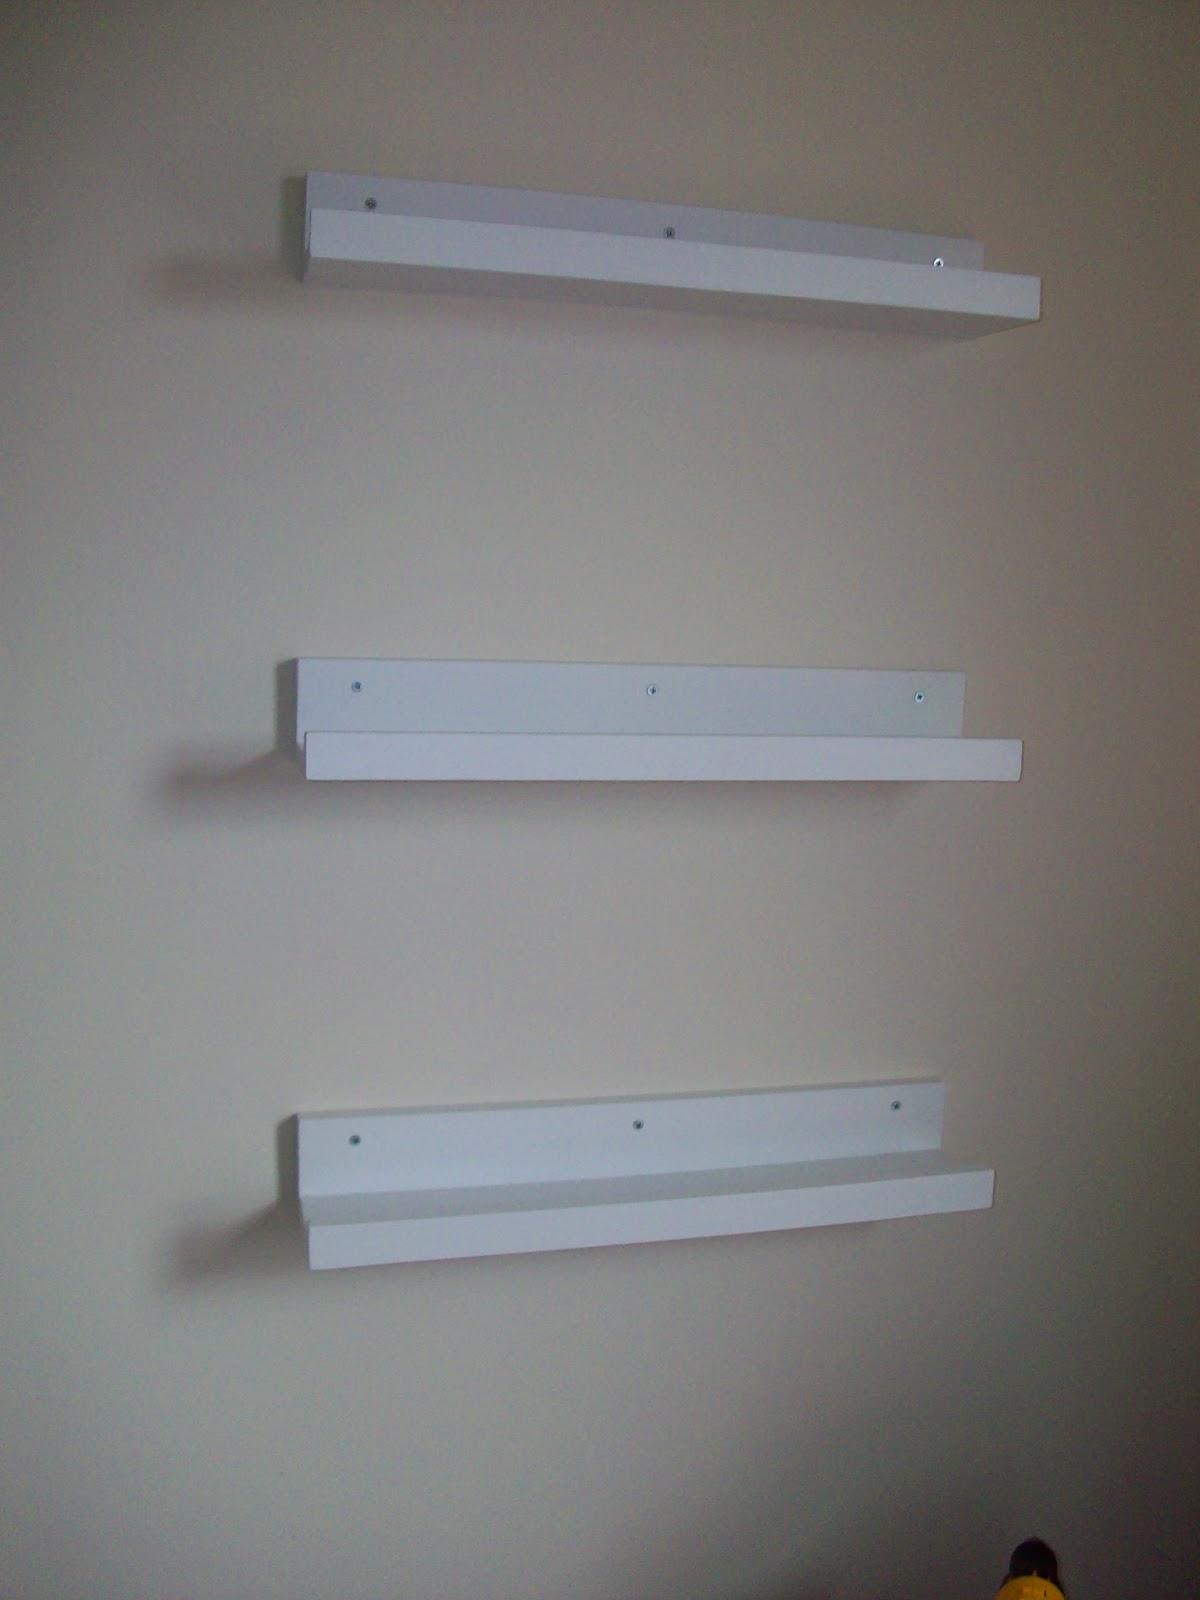 DIY FrontFacing Bookshelves 1200 x 1600